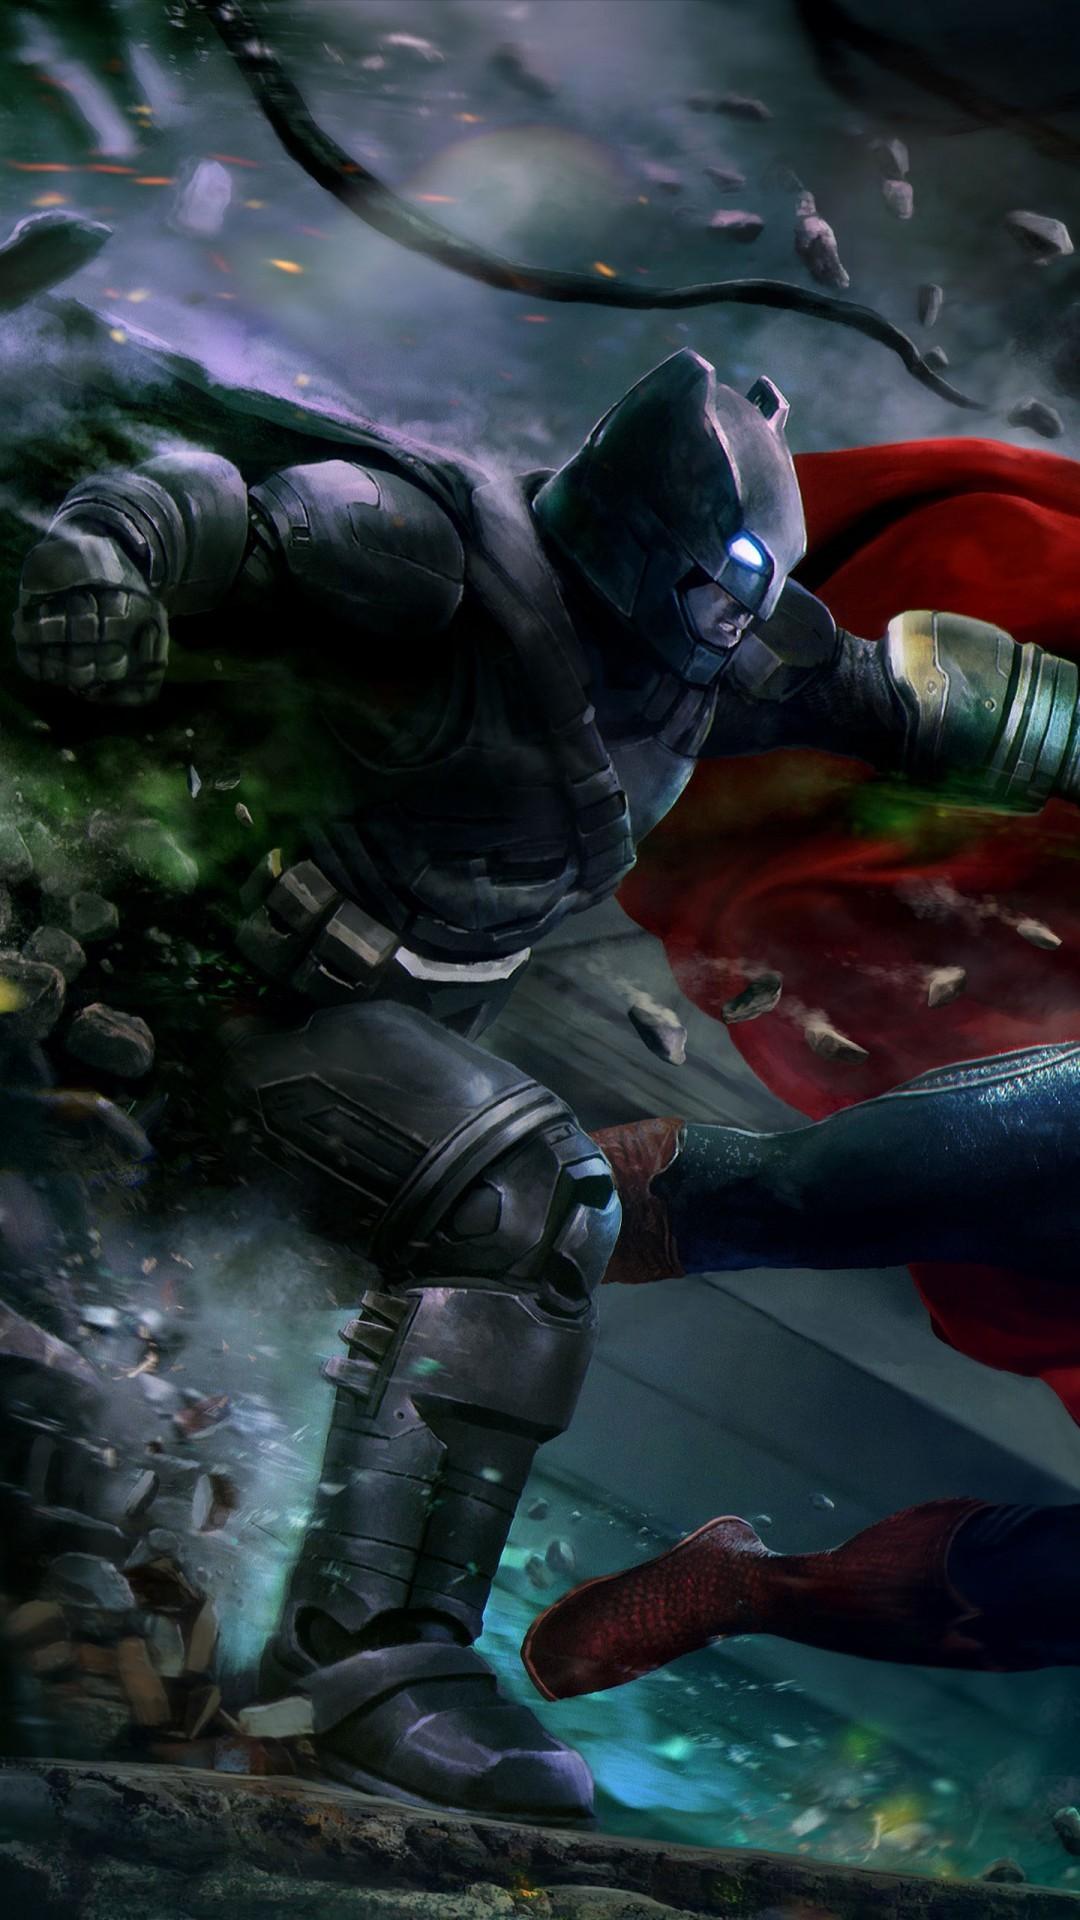 Supreme Wallpaper Hd Iphone X Batman Vs Superman 4k Wallpaper 63 Images